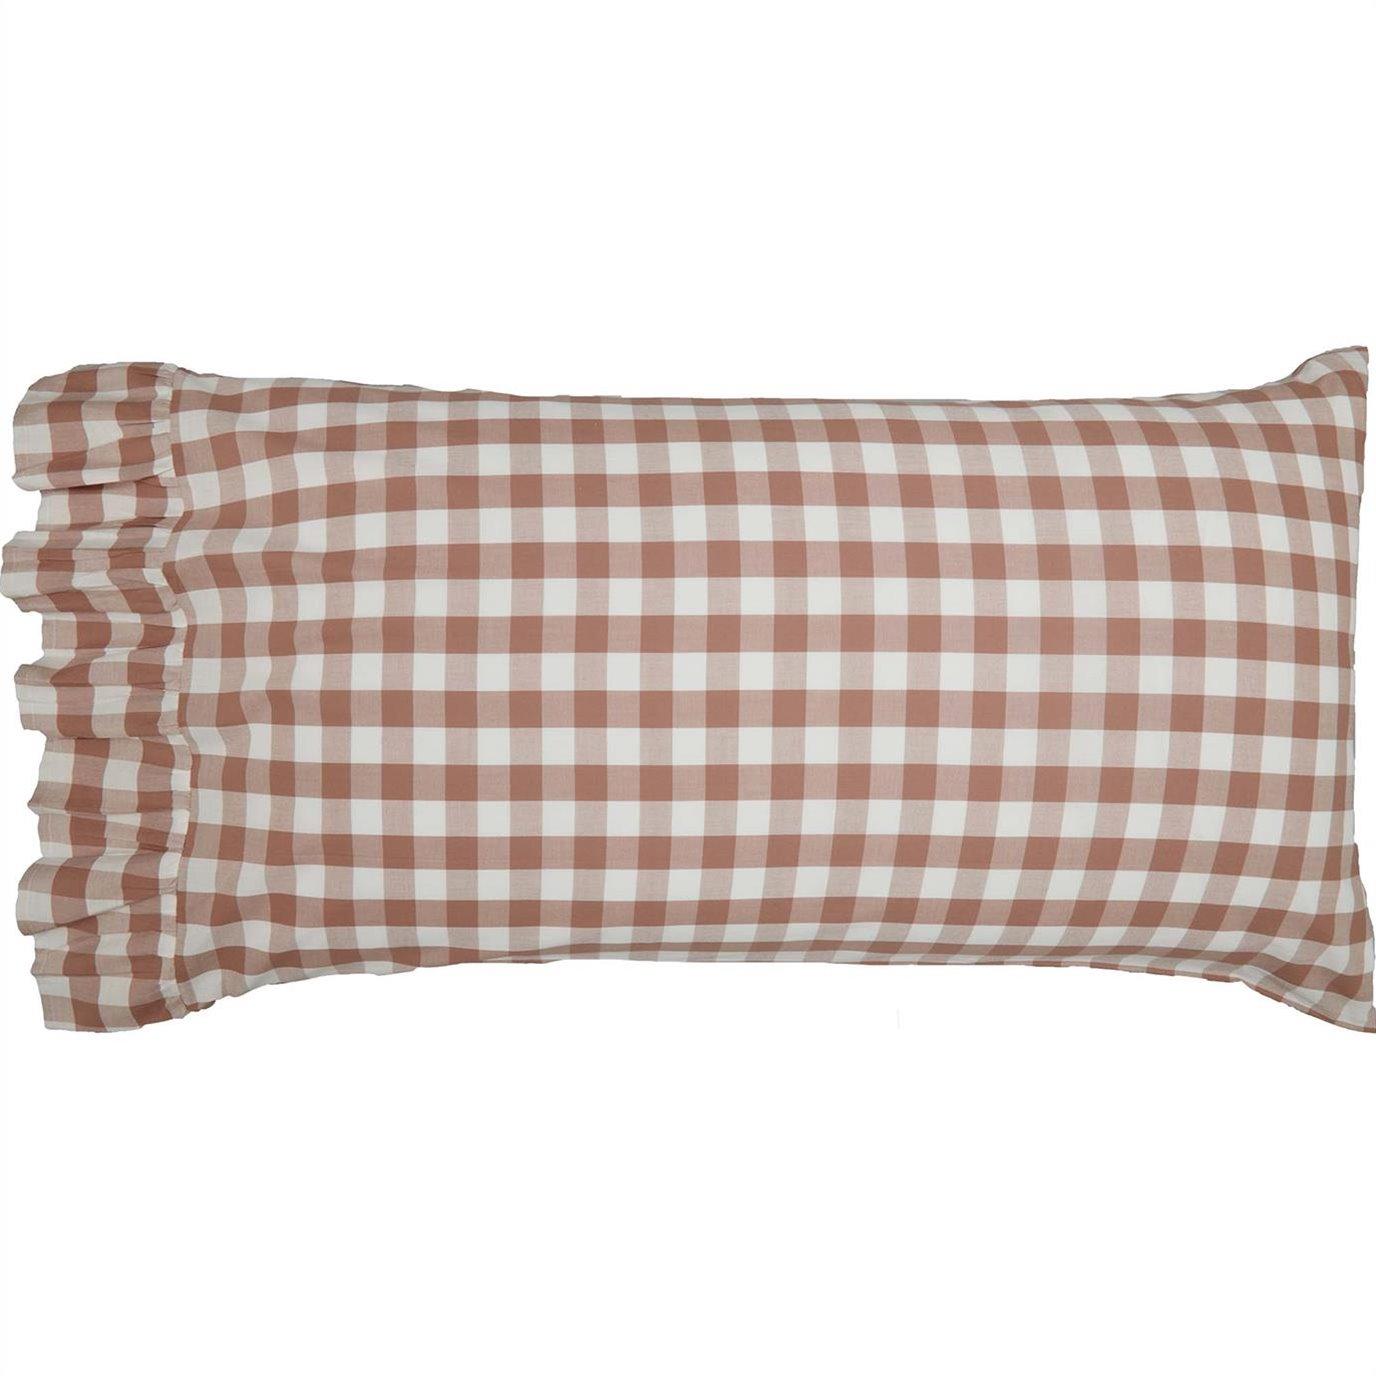 Annie Buffalo Portabella Check King Pillow Case Set of 2 21x36+4